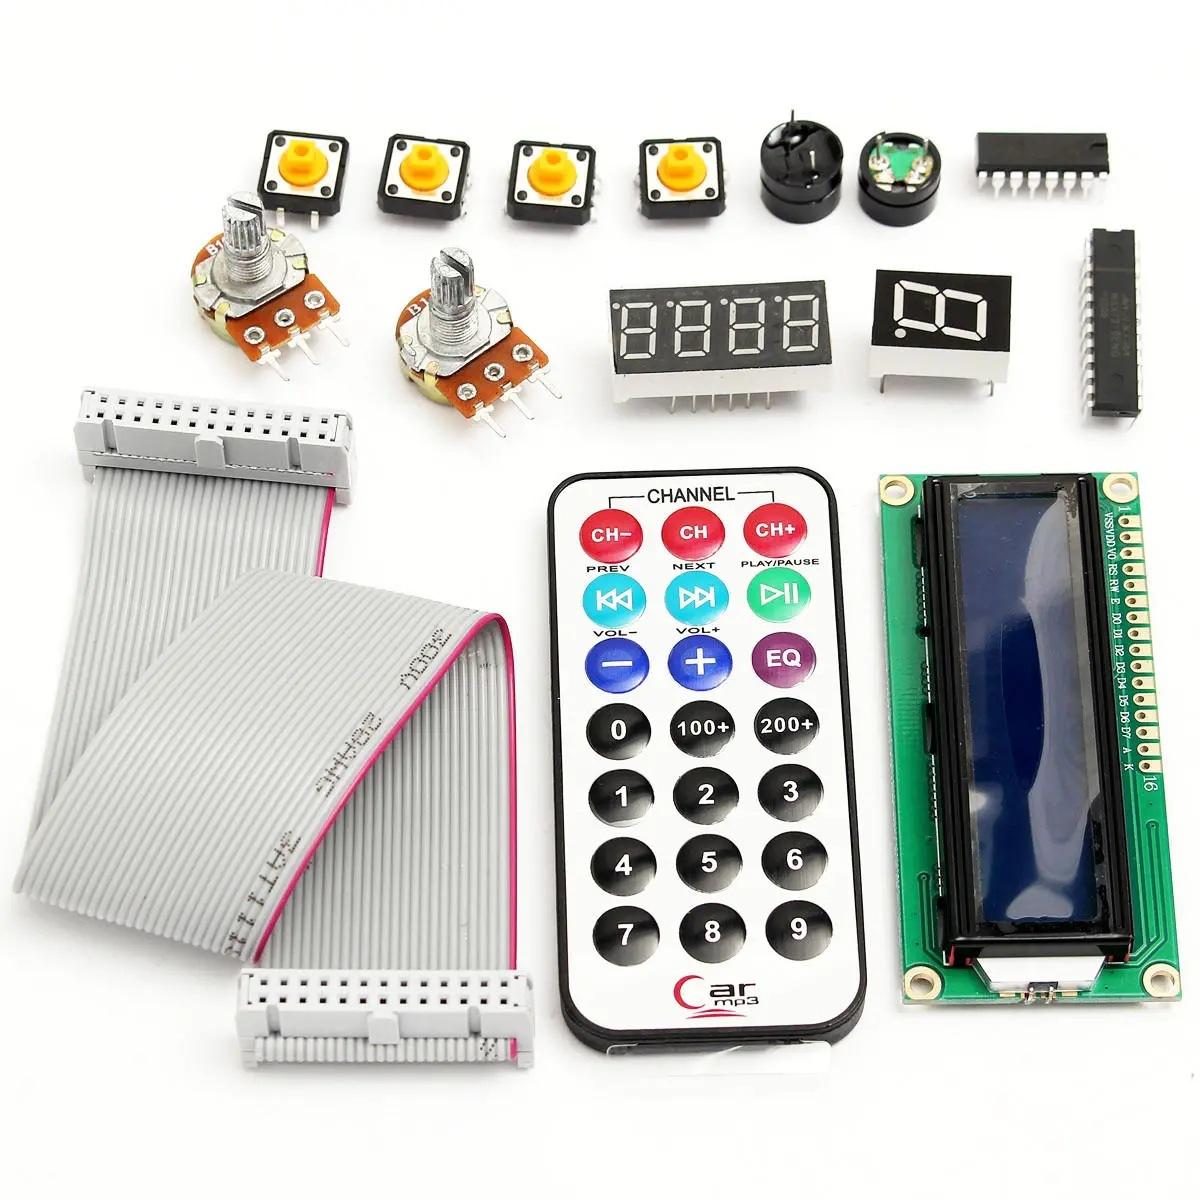 منظمة أمم متحدة R3 مطلق عدة 1602 LCD أجهزة الموجات فوق الصوتية السيارات الصمام تتابع مناسبة ل Arduino